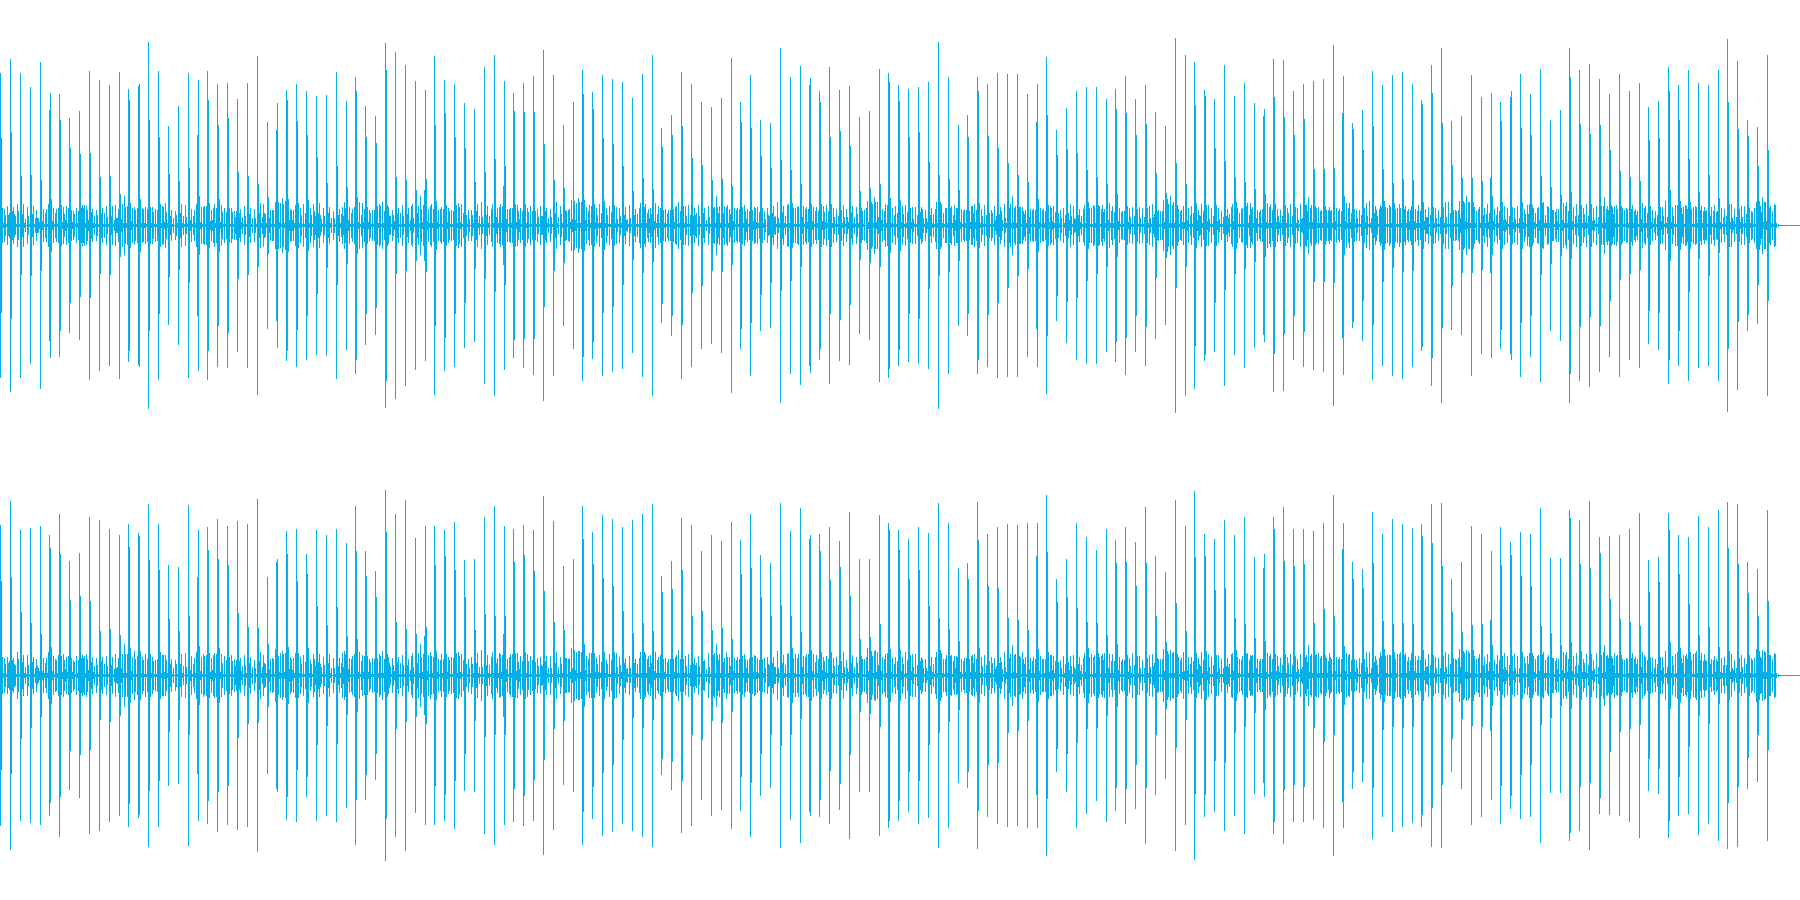 秒針エフェクト02の再生済みの波形